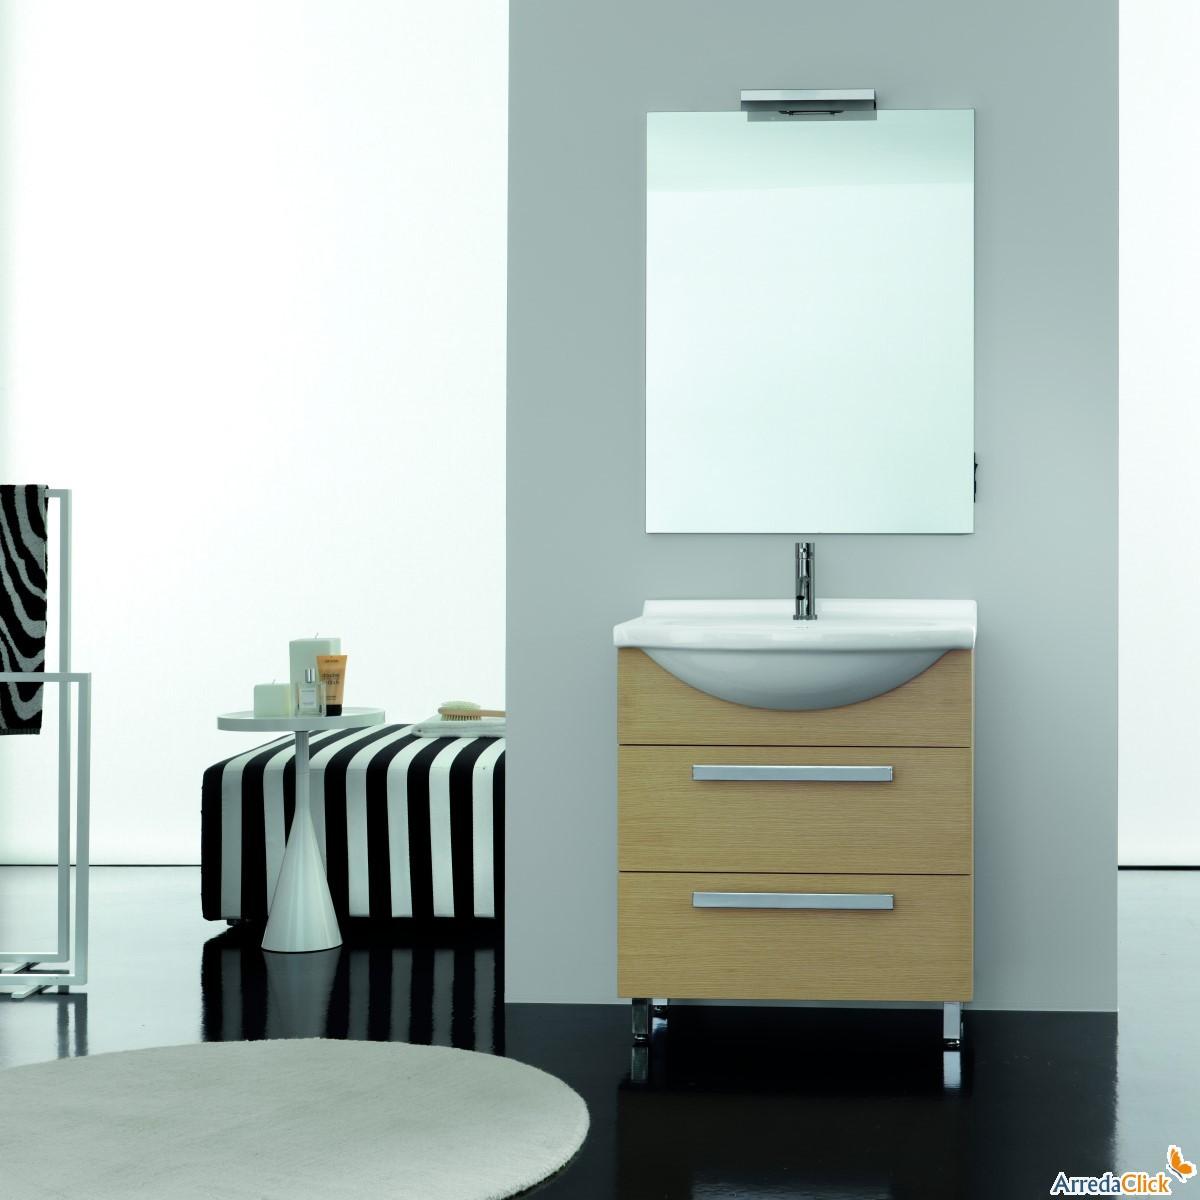 Elegant ricavare un secondo bagno in poco spazio con giusto si pu with arredo bagno piccole for Arredo bagno piccole dimensioni